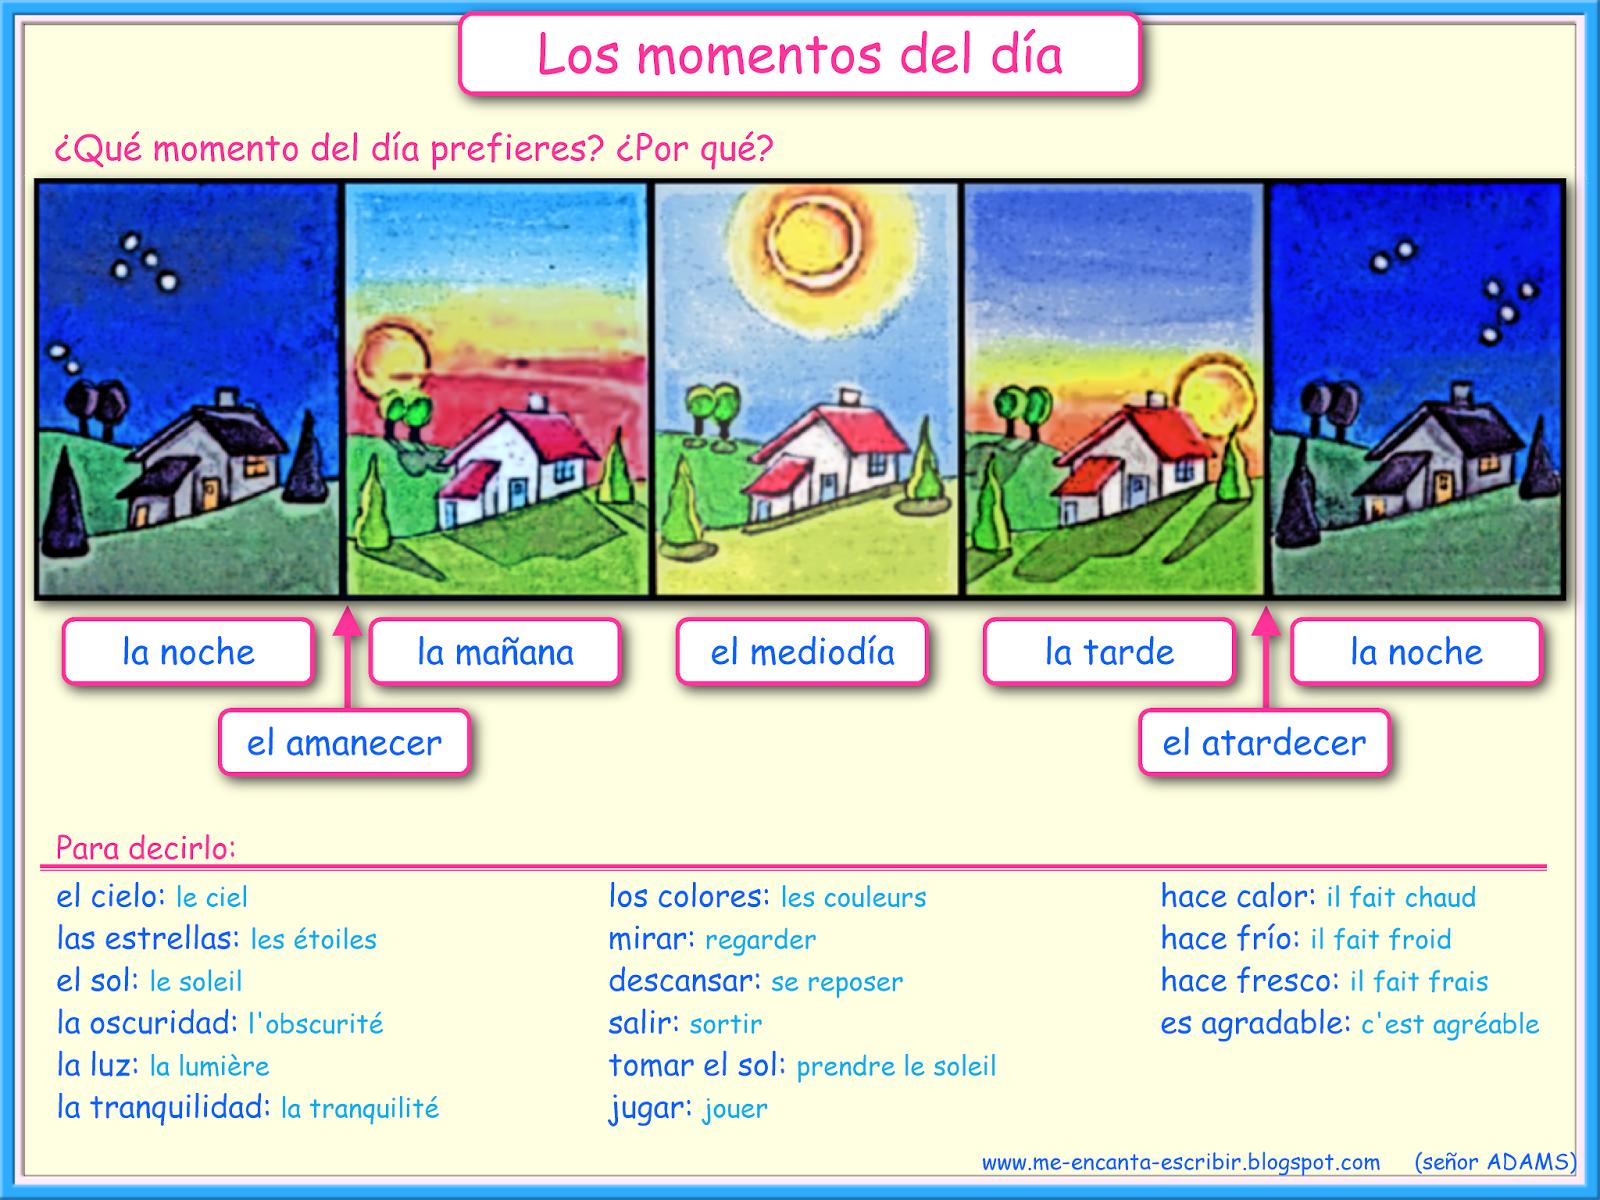 70d17e012e684316b5c9594e7e95903f me encanta escribir en español los momentos del dia clase de